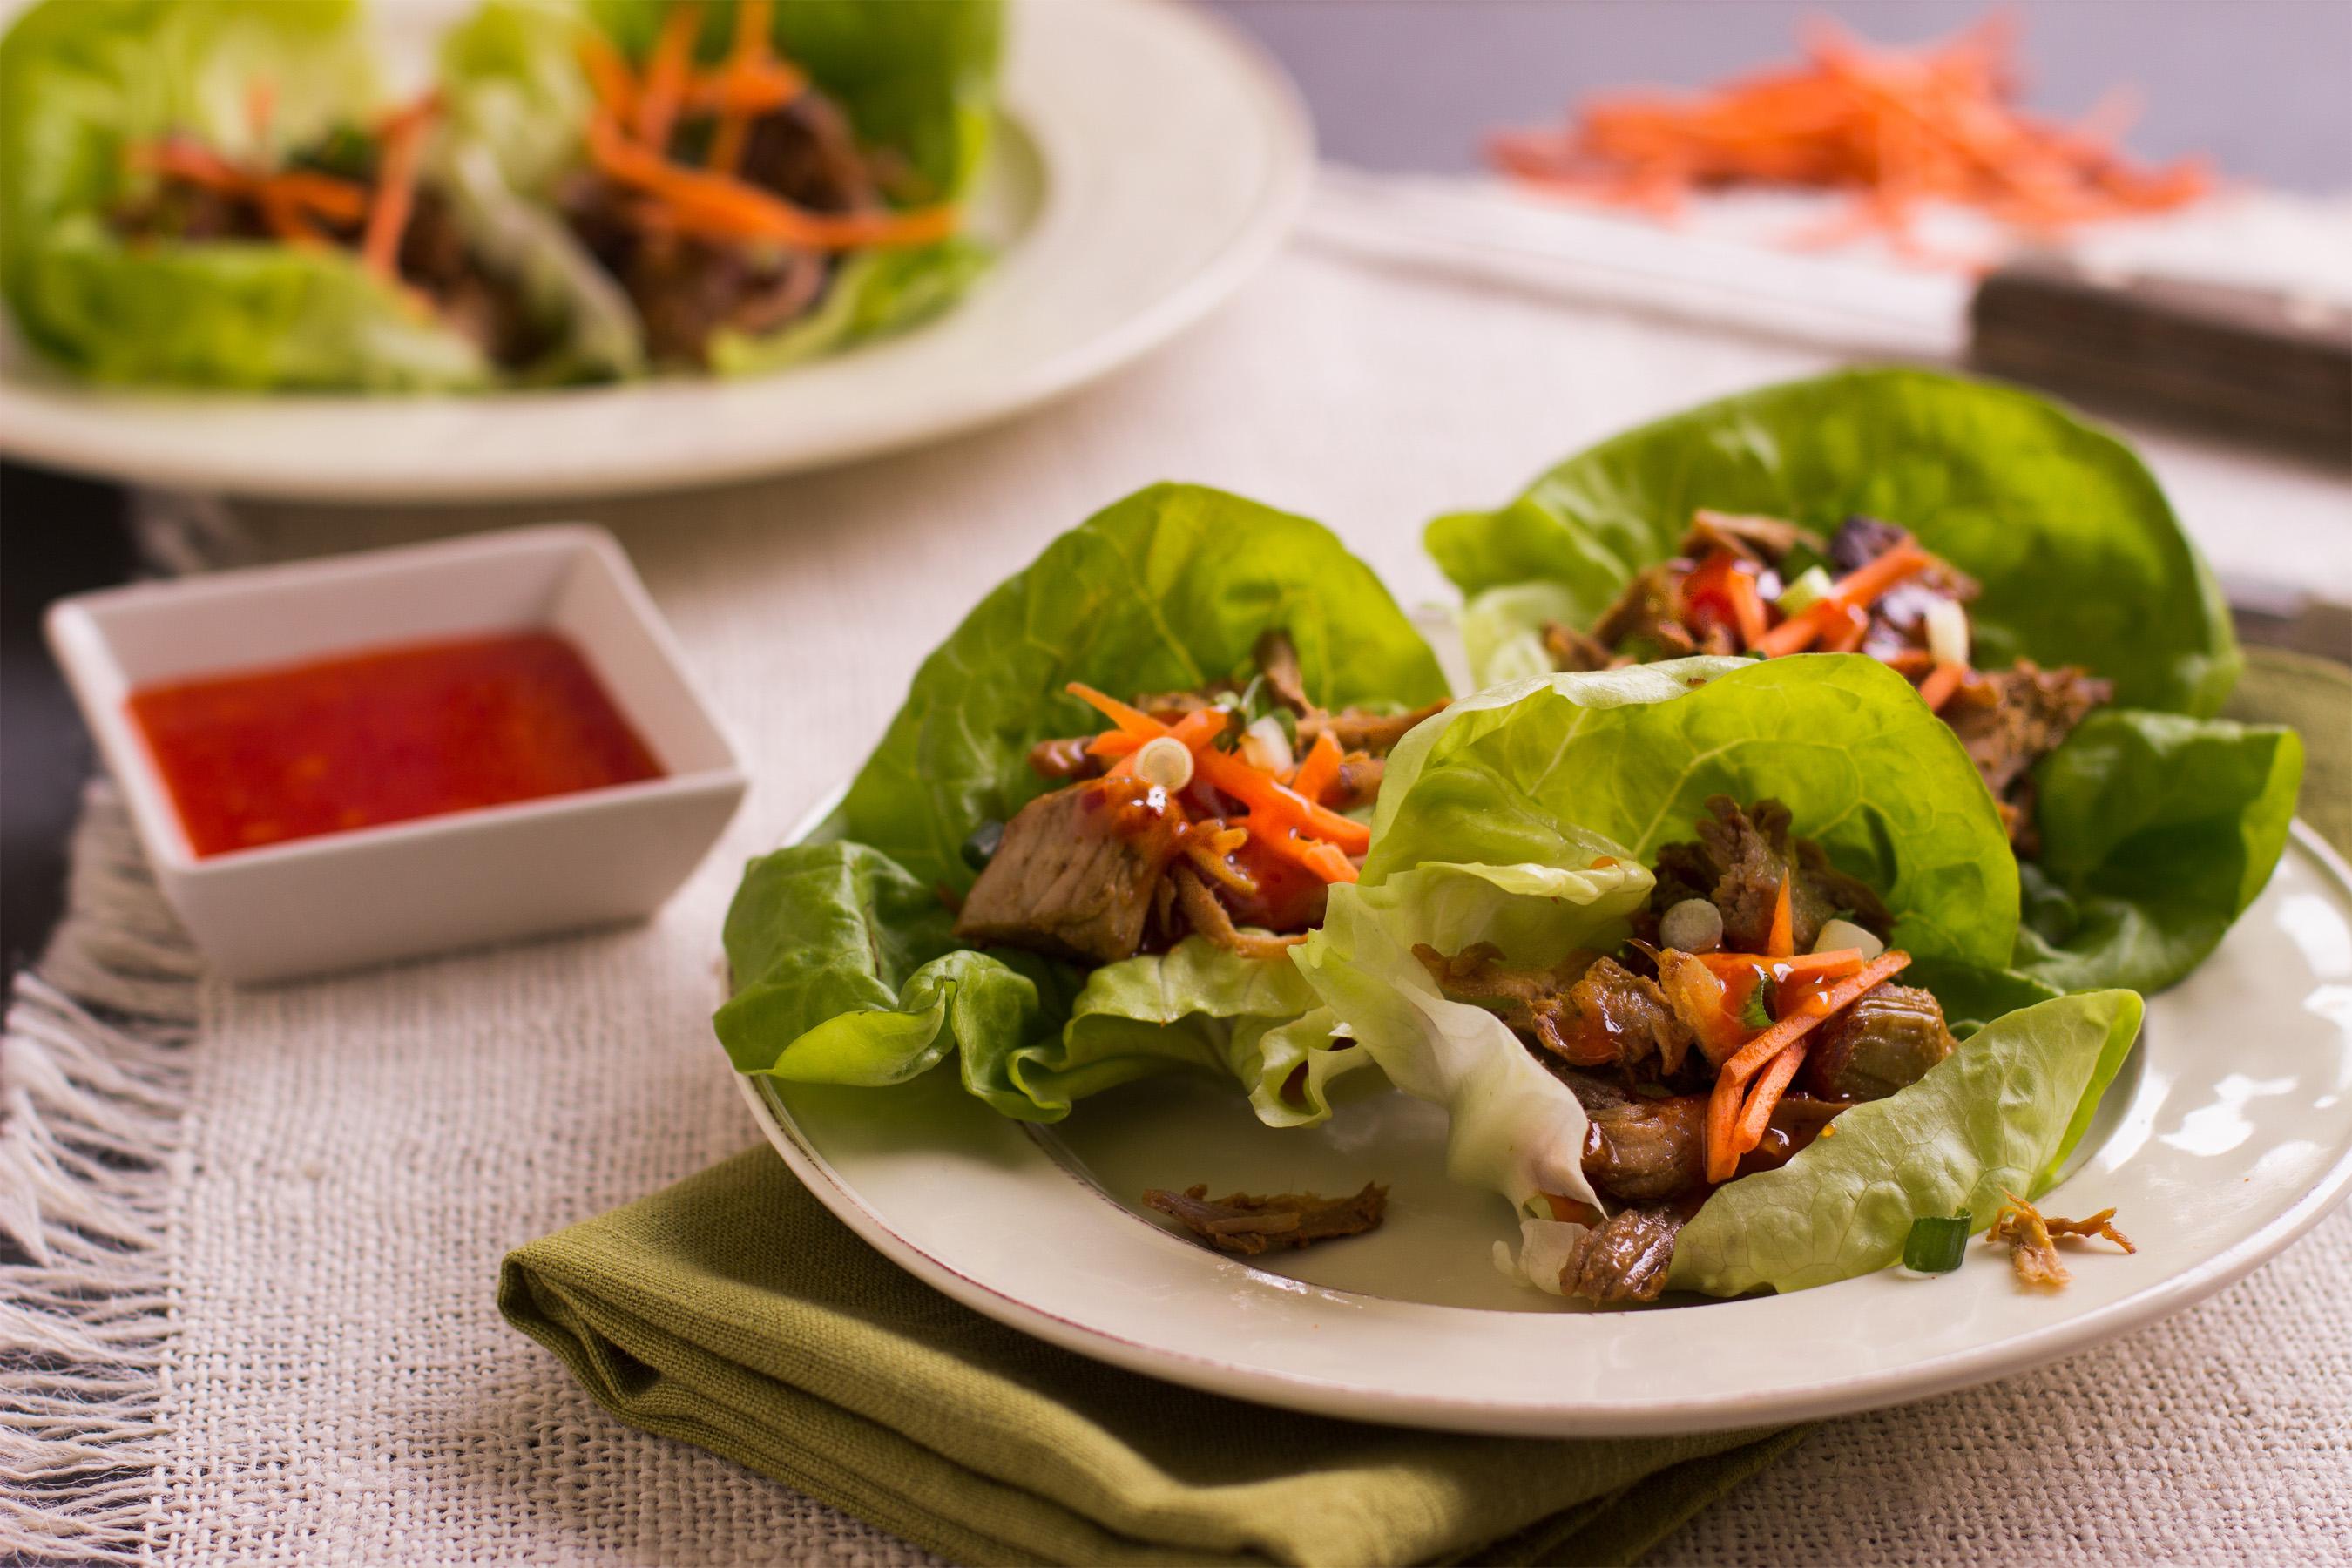 Shredded pork lettuce wraps recipe